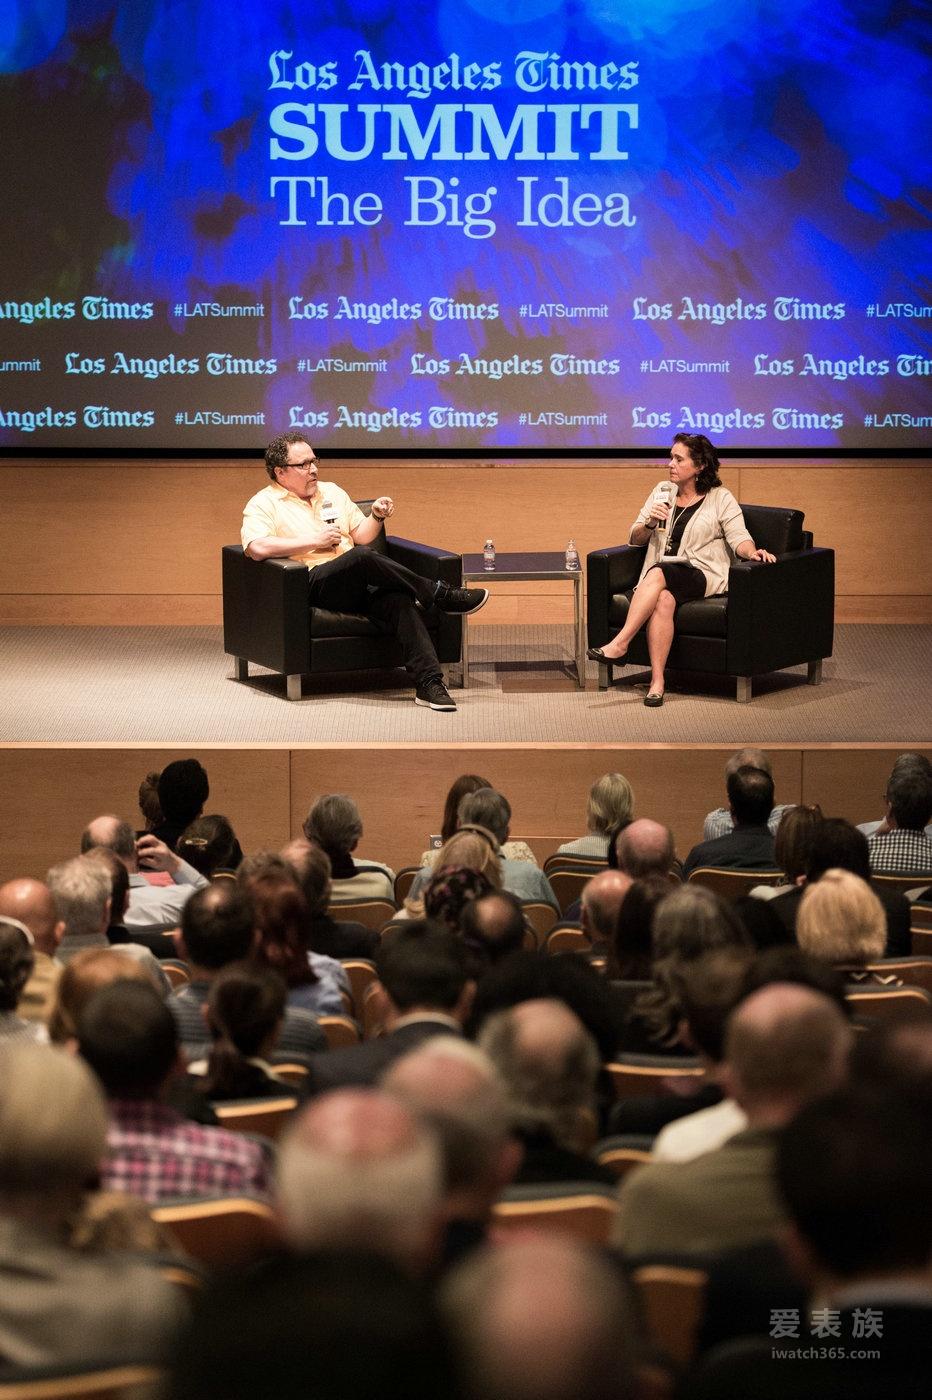 劳力士公布全球雄才伟略大奖获奖者名单 40周年庆典在洛杉矶举行,弘扬创建精神